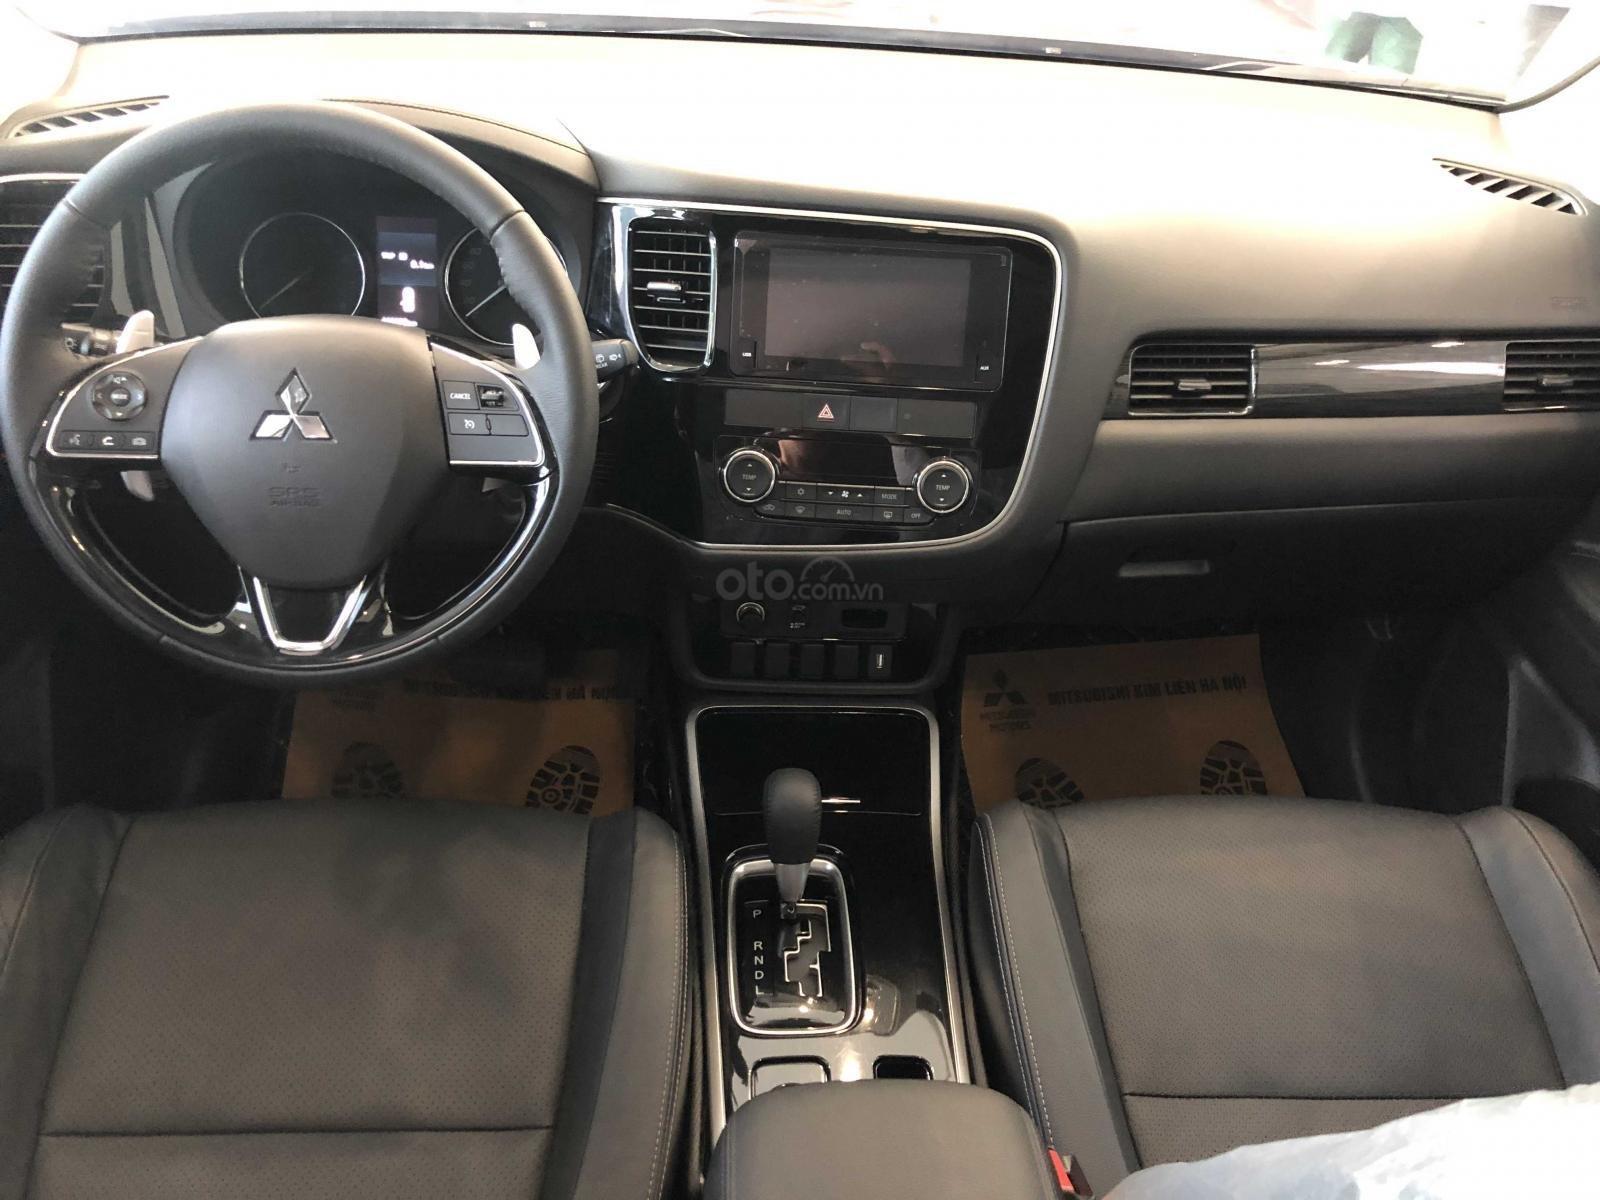 Bán xe Mitsubishi Outlander 2.4 CVT xe mới, giá siêu sốc (6)